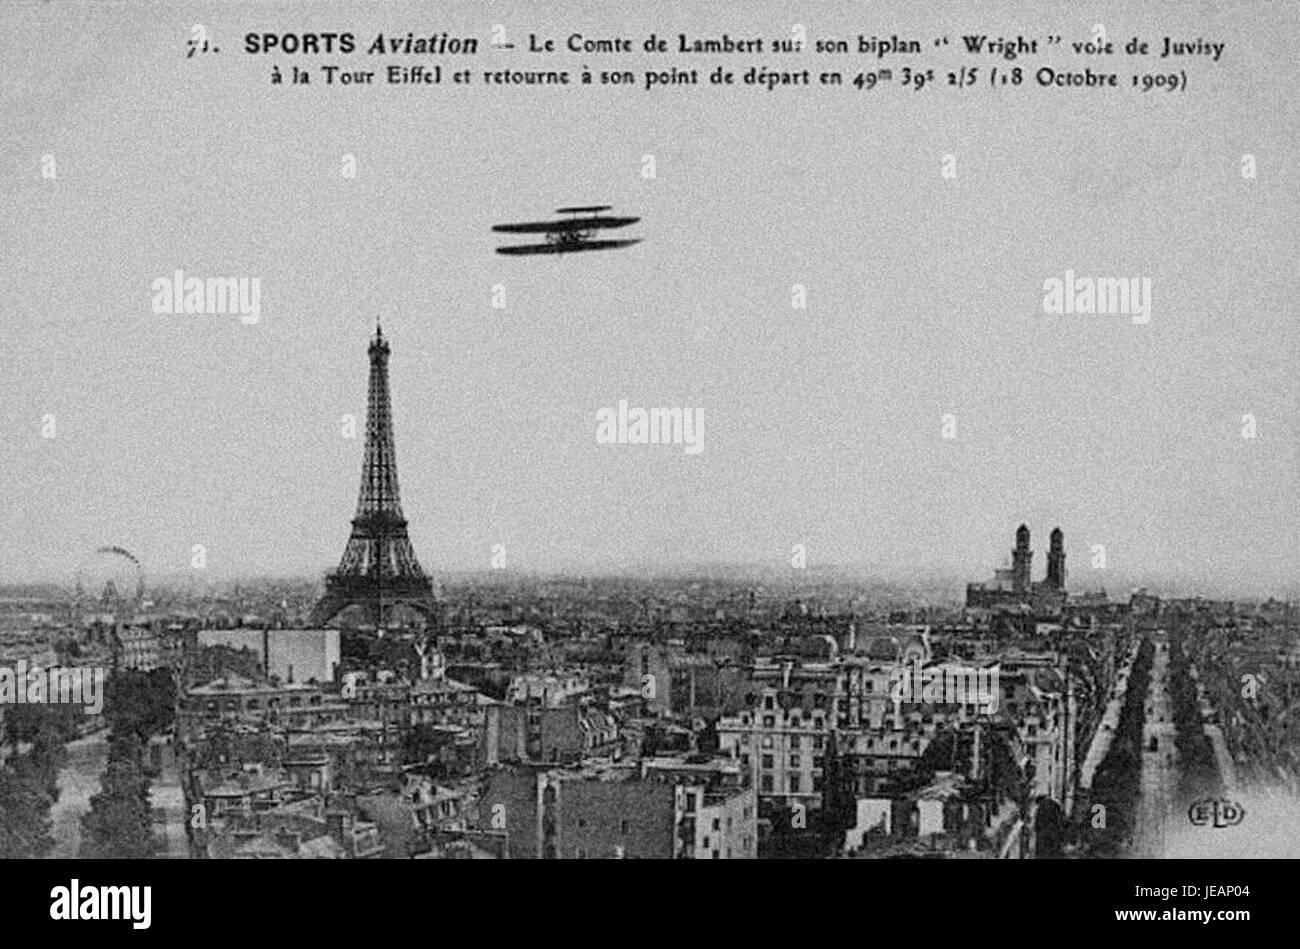 Carlos Alexandre, conde de Lambert sobrevoando una Torre Eiffel biplano Wrigth no, 18 de Outubro de 1909 Foto de stock